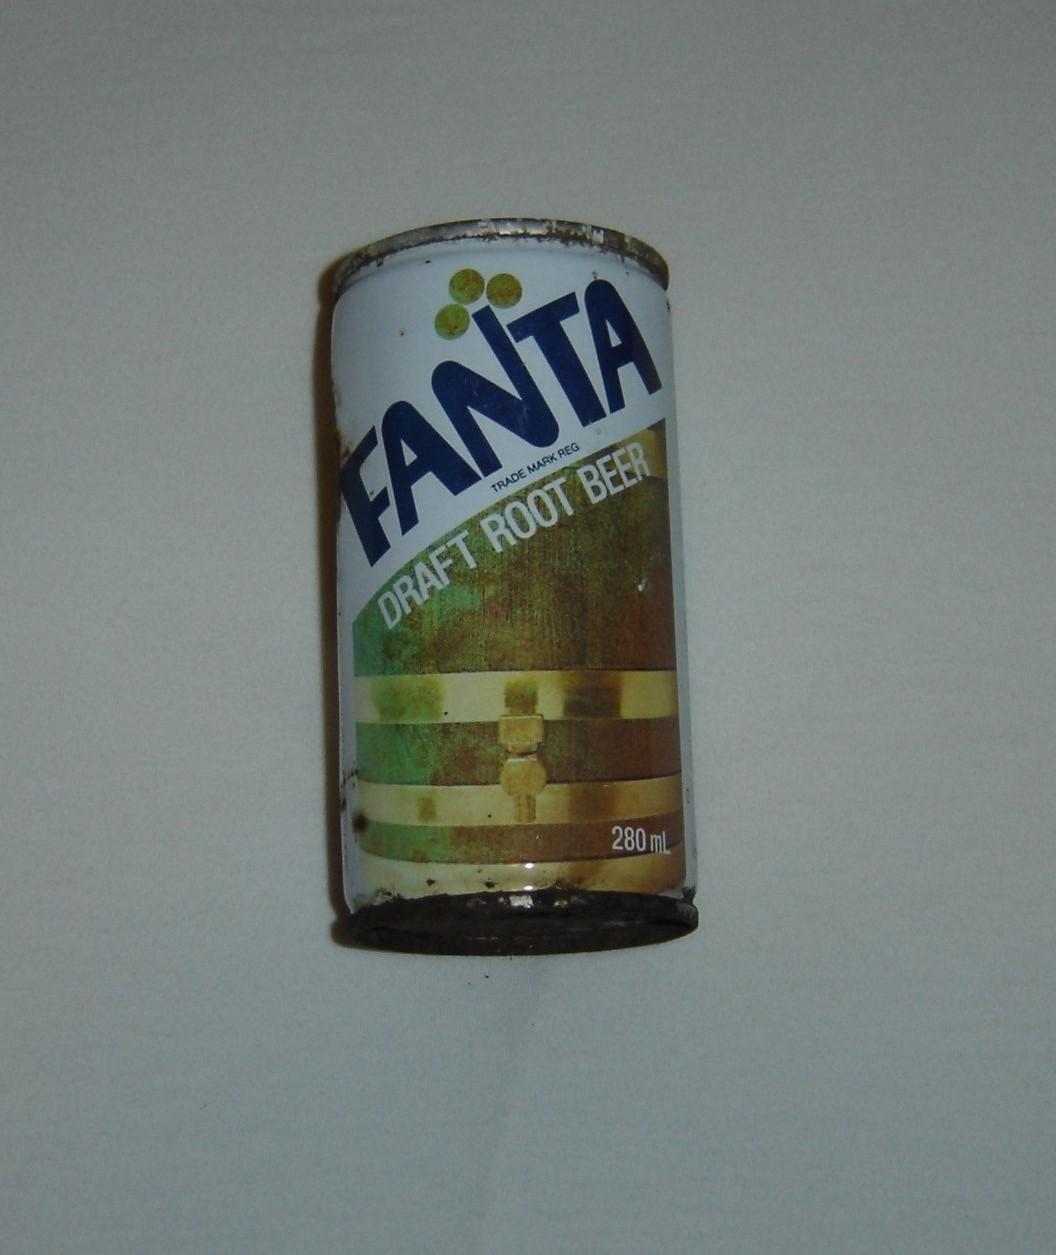 fanta-rootbeerN.JPG